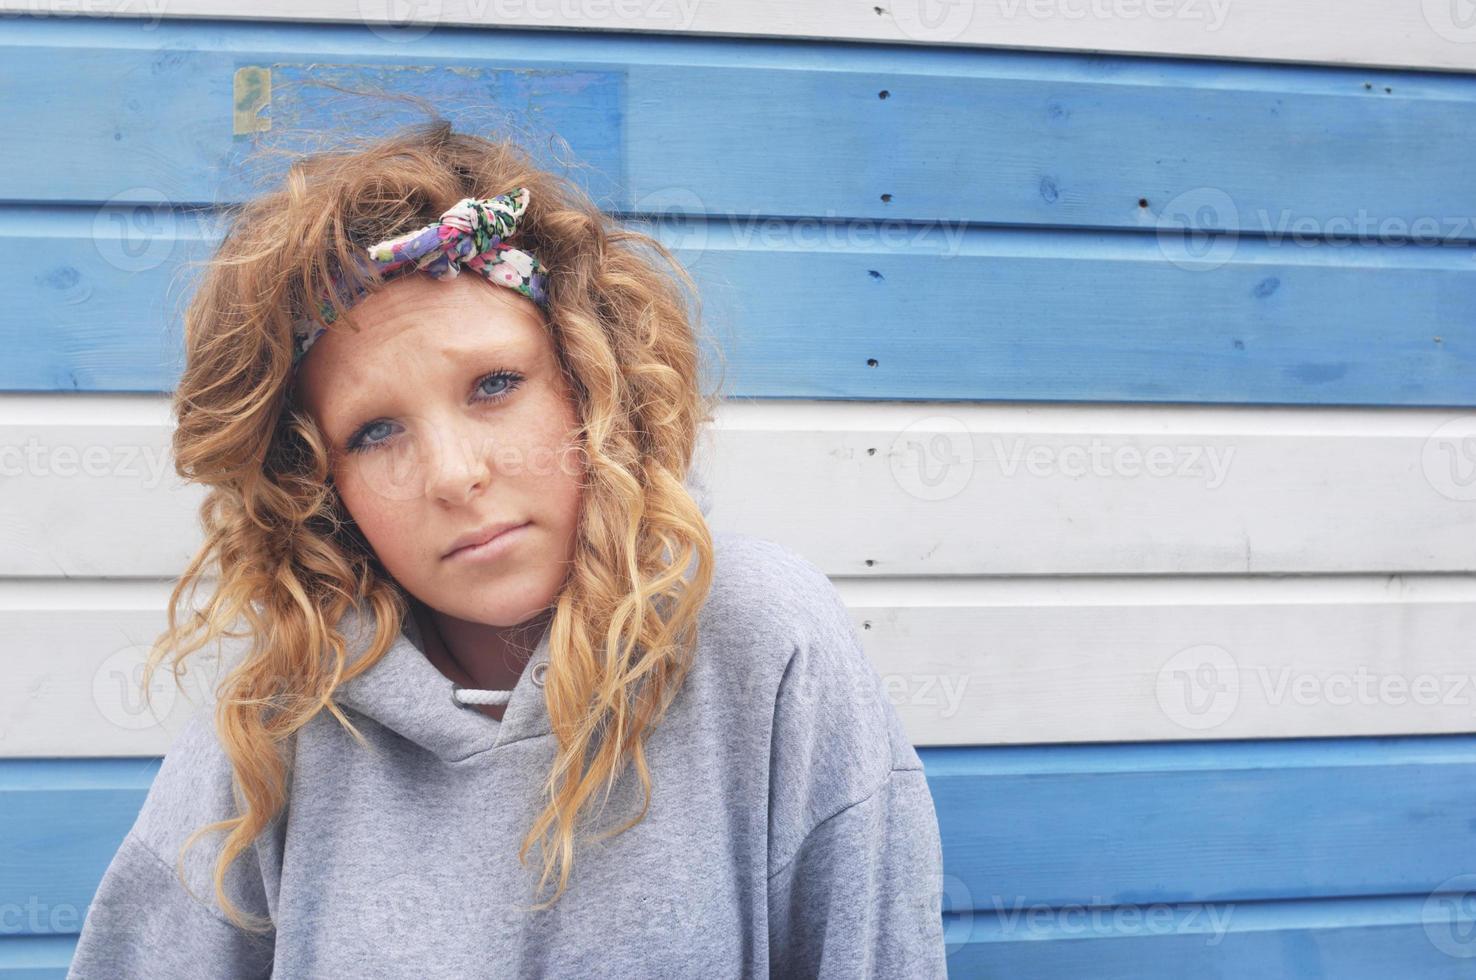 adolescente callejero foto